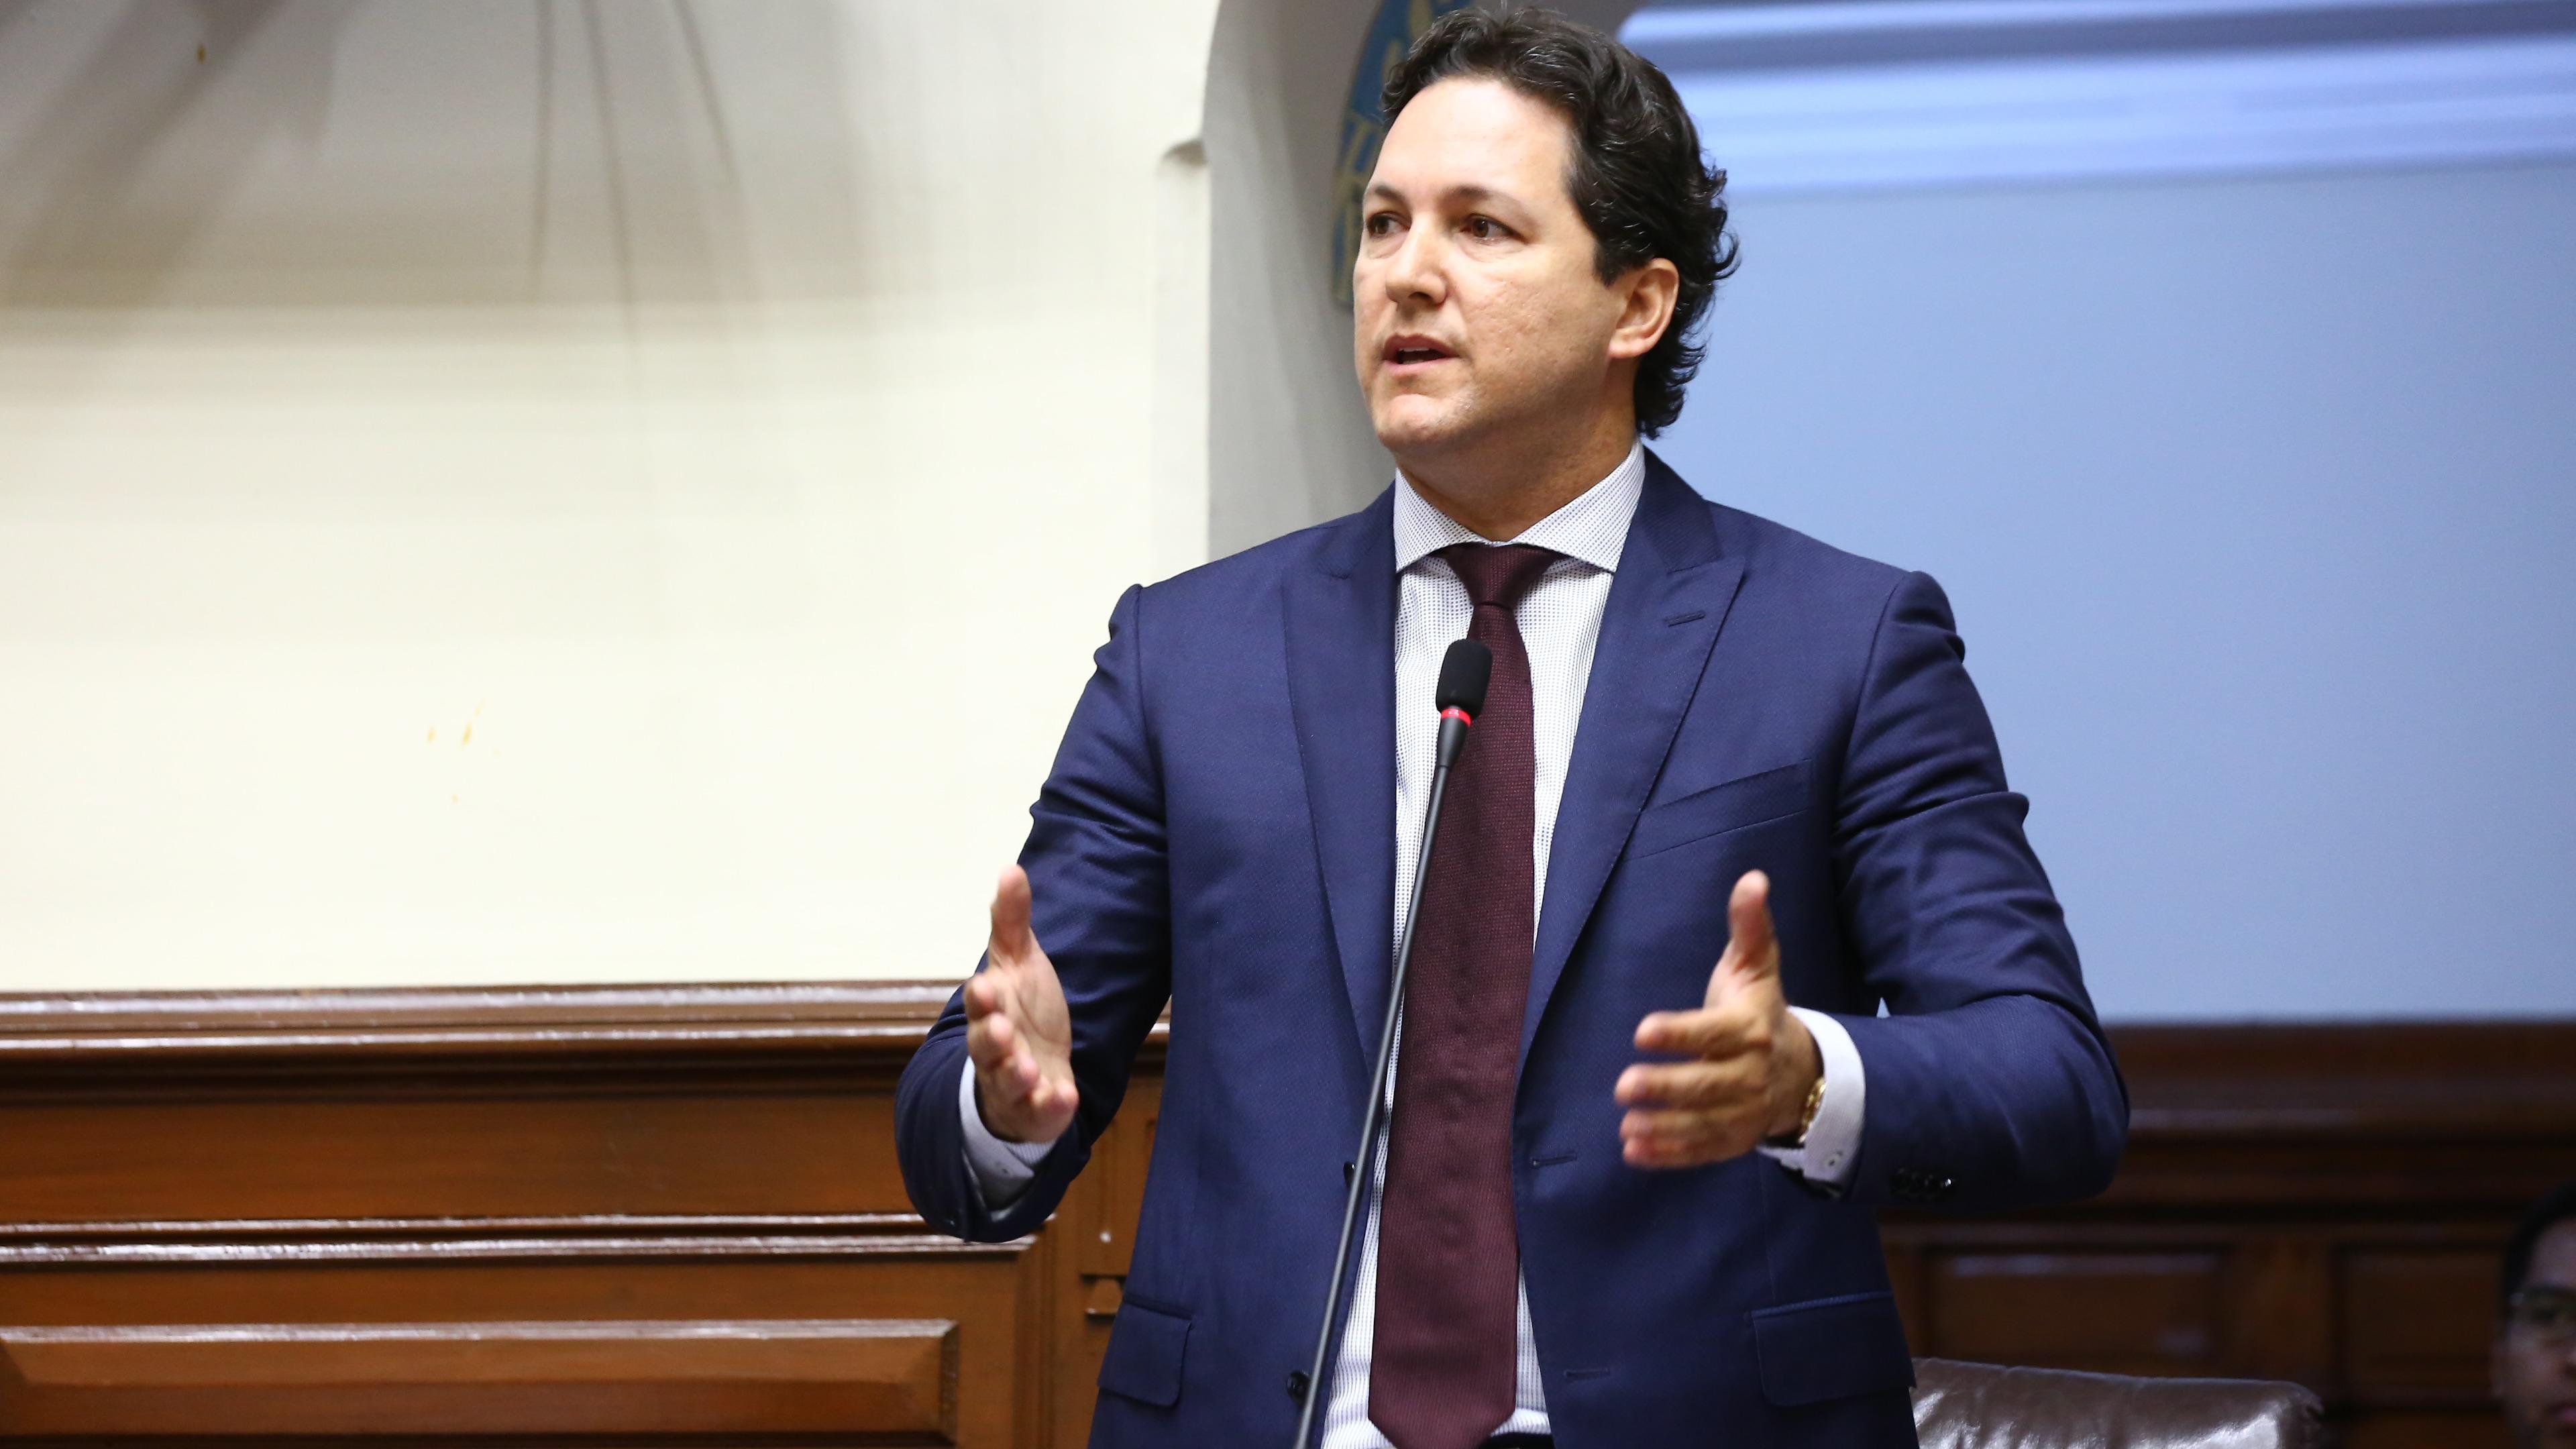 El congresista invitó al presidente a que se presente ante el Congreso para que se defienda de las acusaciones que tiene por presunta corrupción.